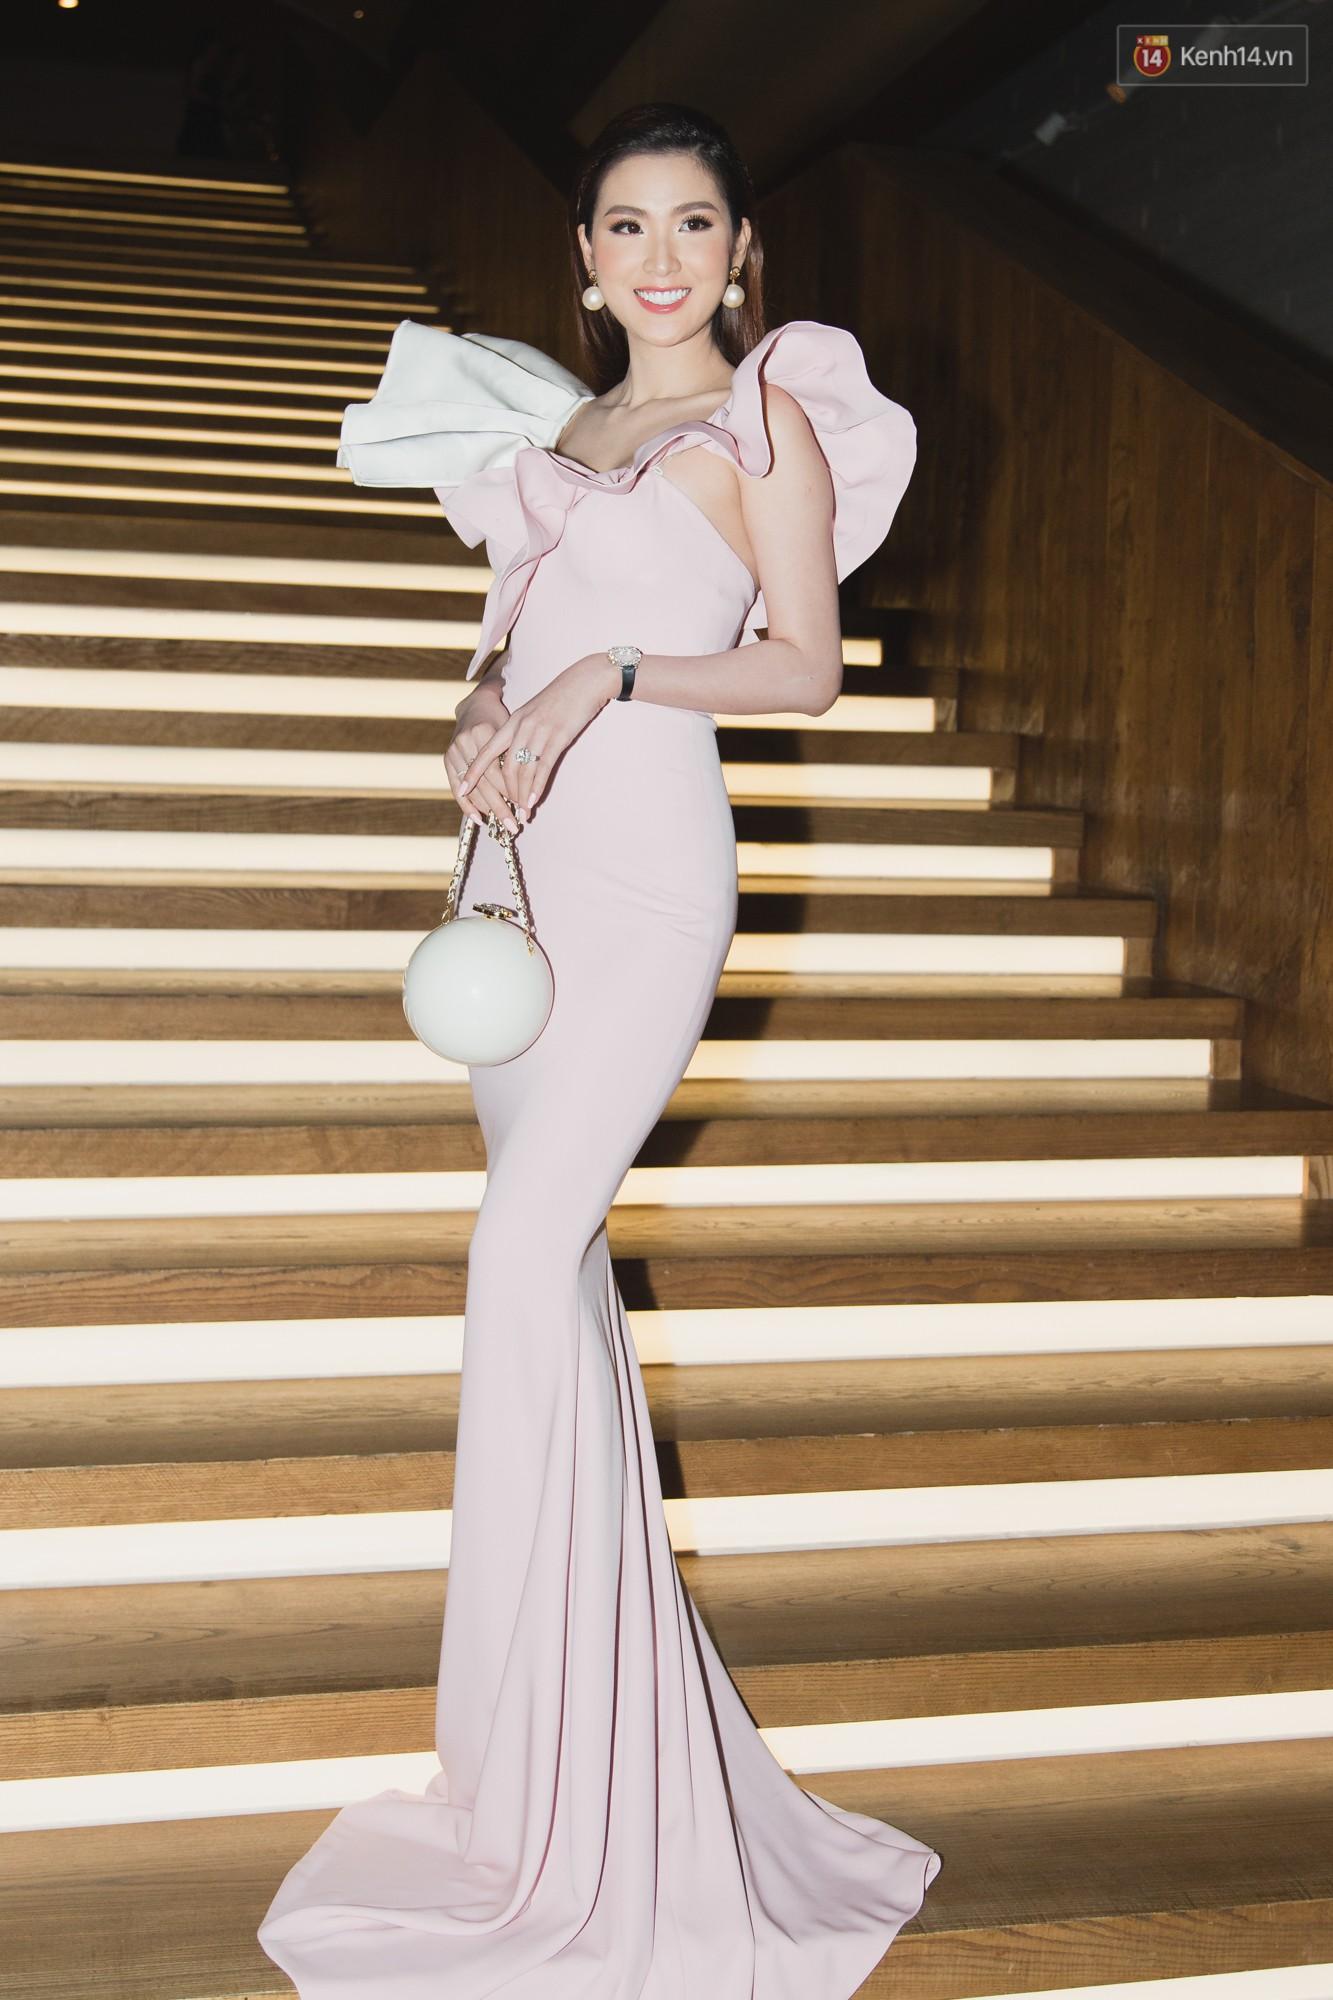 Spotlight thảm đỏ của NTK Lý Quí Khánh: Khi Hòa Minzy trông còn Hoa hậu hơn cả Hoa hậu Tiểu Vy - Ảnh 7.